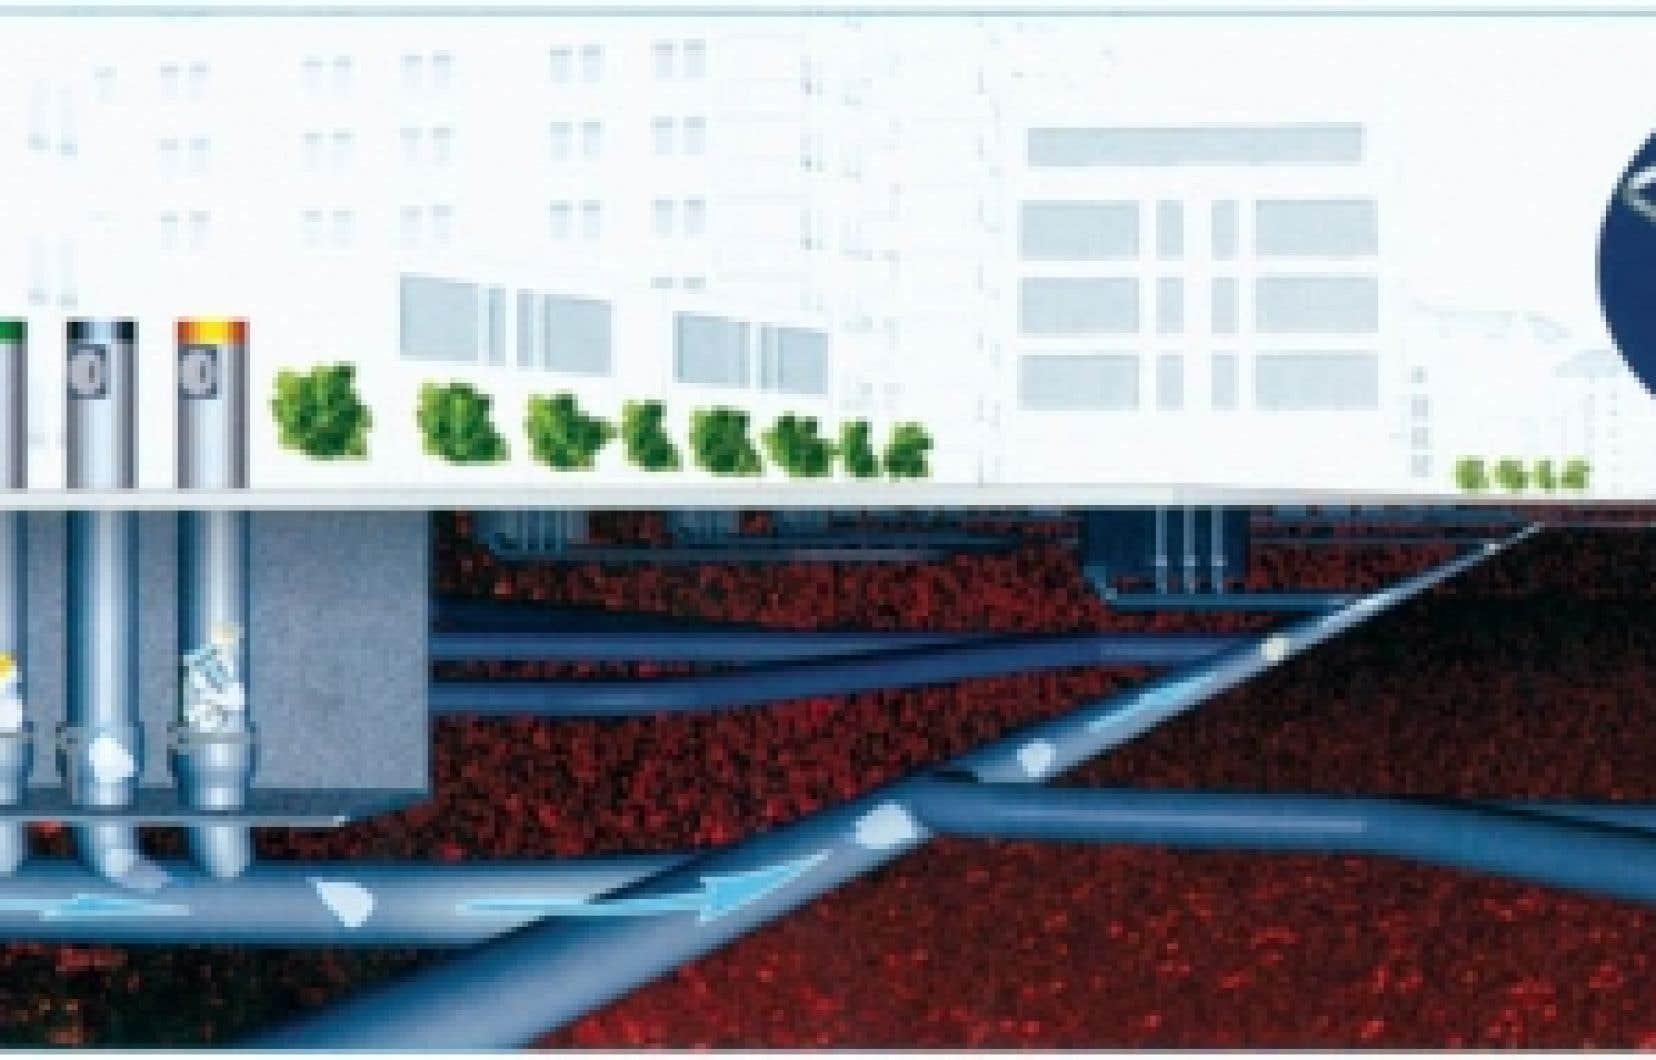 Le système Envacs dirige par différents conduits souterrains les résidus compostables, le plastique, le verre et les déchets souillés par un aménagement de conduites souterraines vers le centre de récupération. Déchets et résidus sont aspirés par de puissants moteurs électriques. Le système rend inutile la collecte des déchets avec de gros camions diesels, polluants et destructeurs du climat de la planète.<br /> <br />